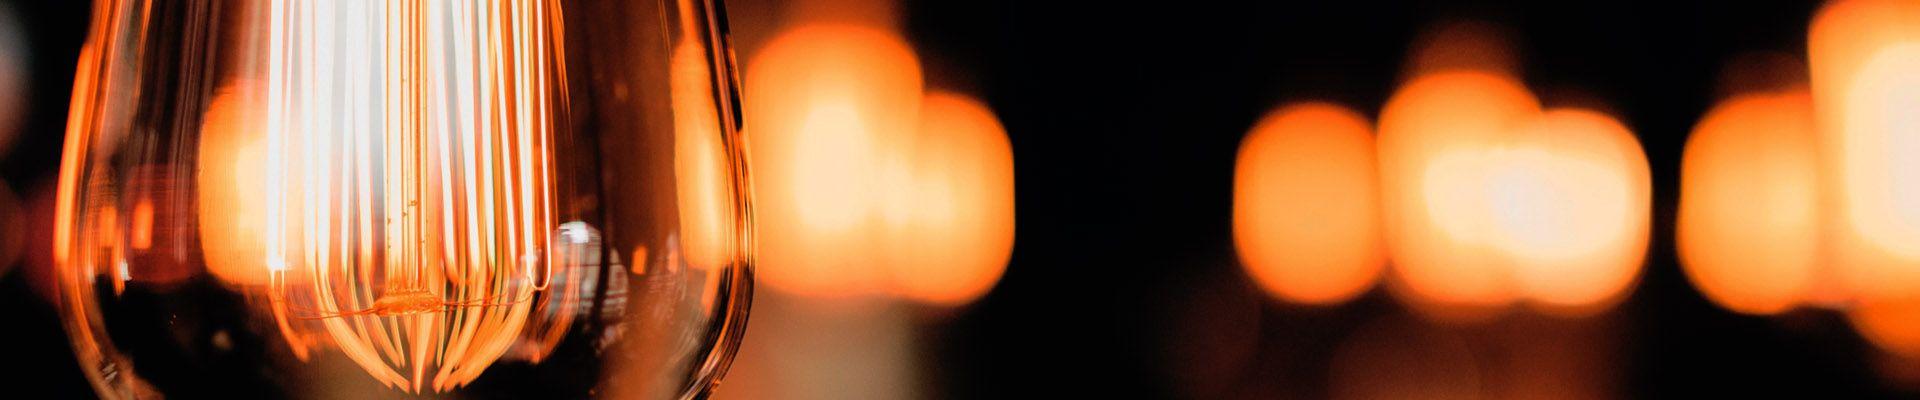 COELBI: Iluminación de Interiores y Exteriores